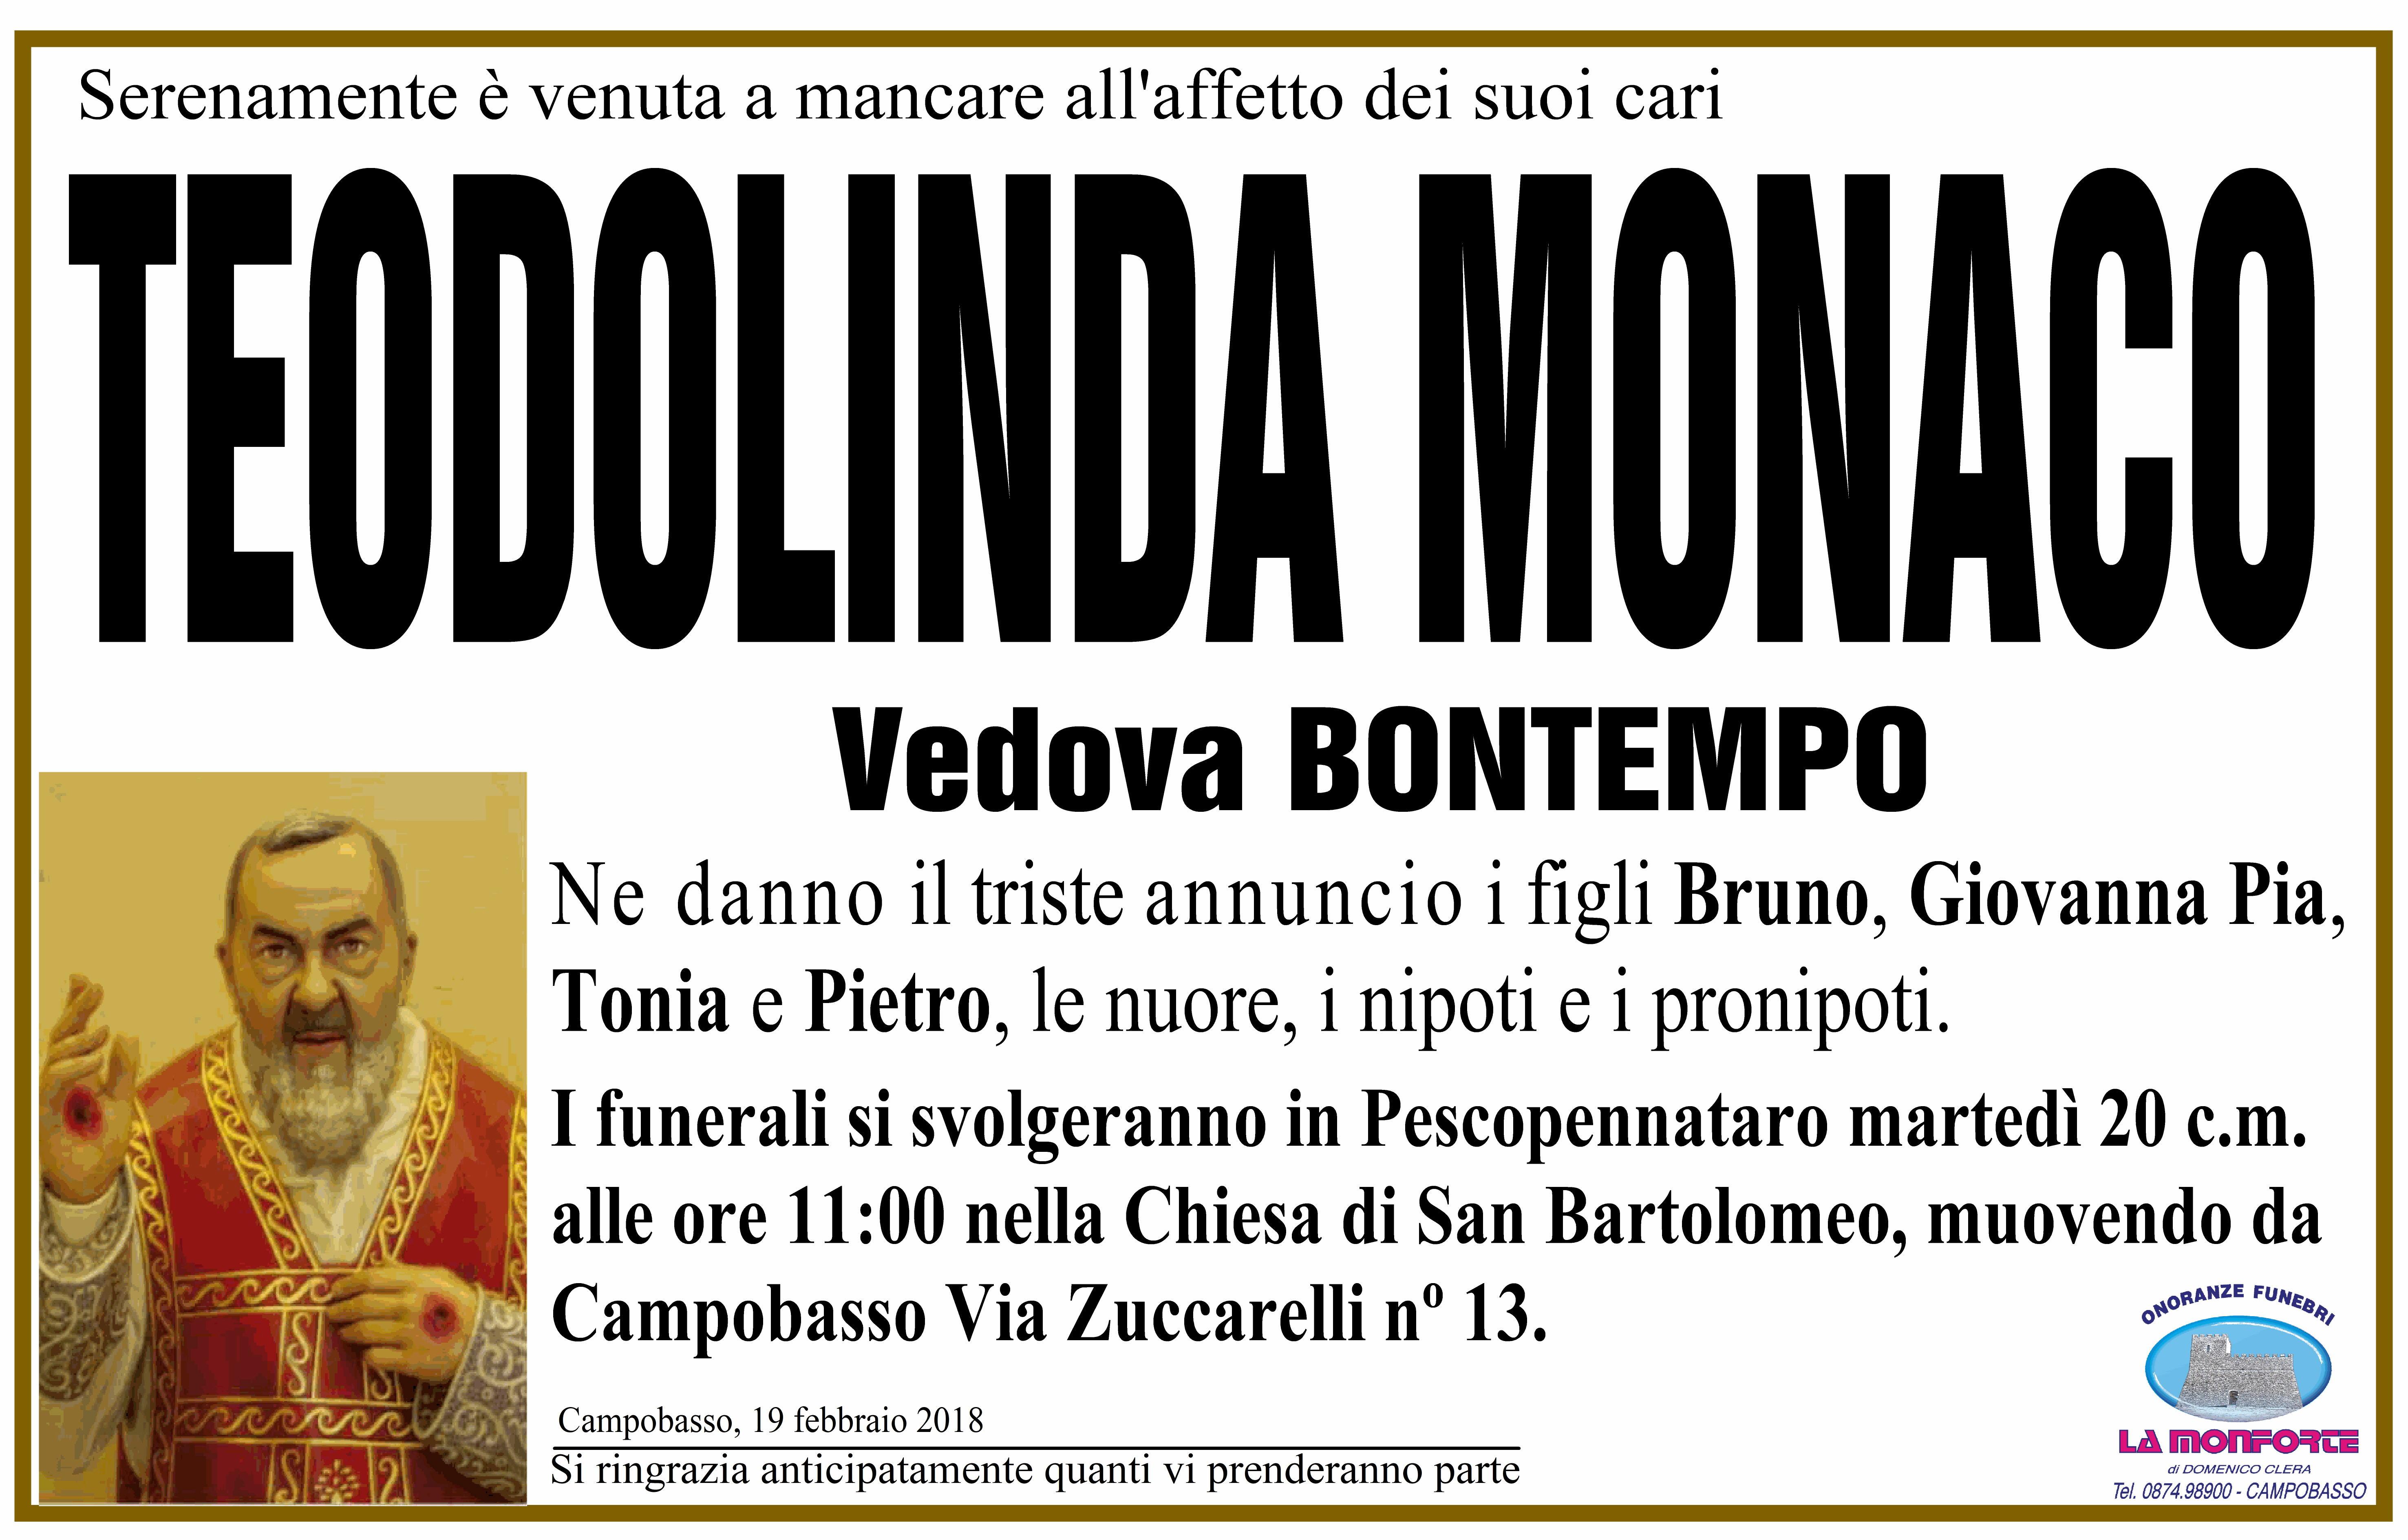 Teodolinda Monaco, 19/02/2018, Campobasso – Onoranze Funebri La Monforte